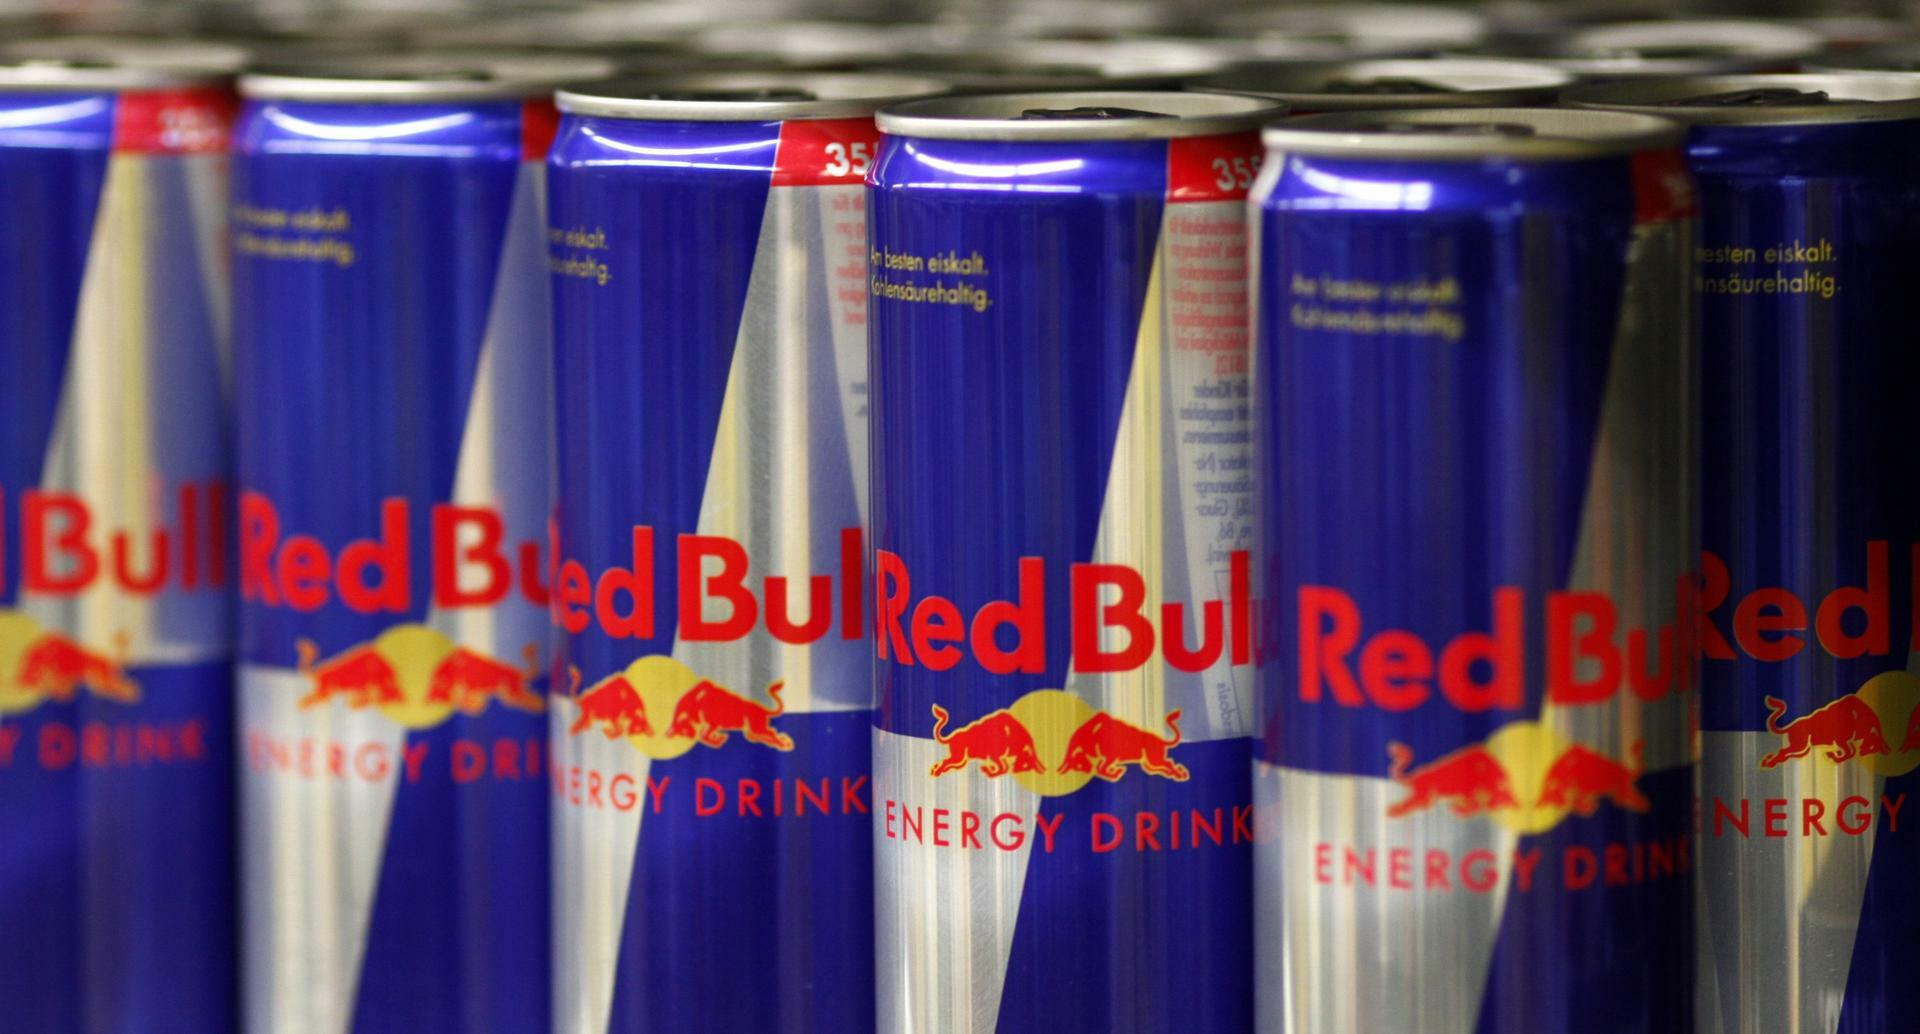 Red Bull Kühlschrank Verkaufen : Red bull und co so wirkt eine dose energy drink auf den körper